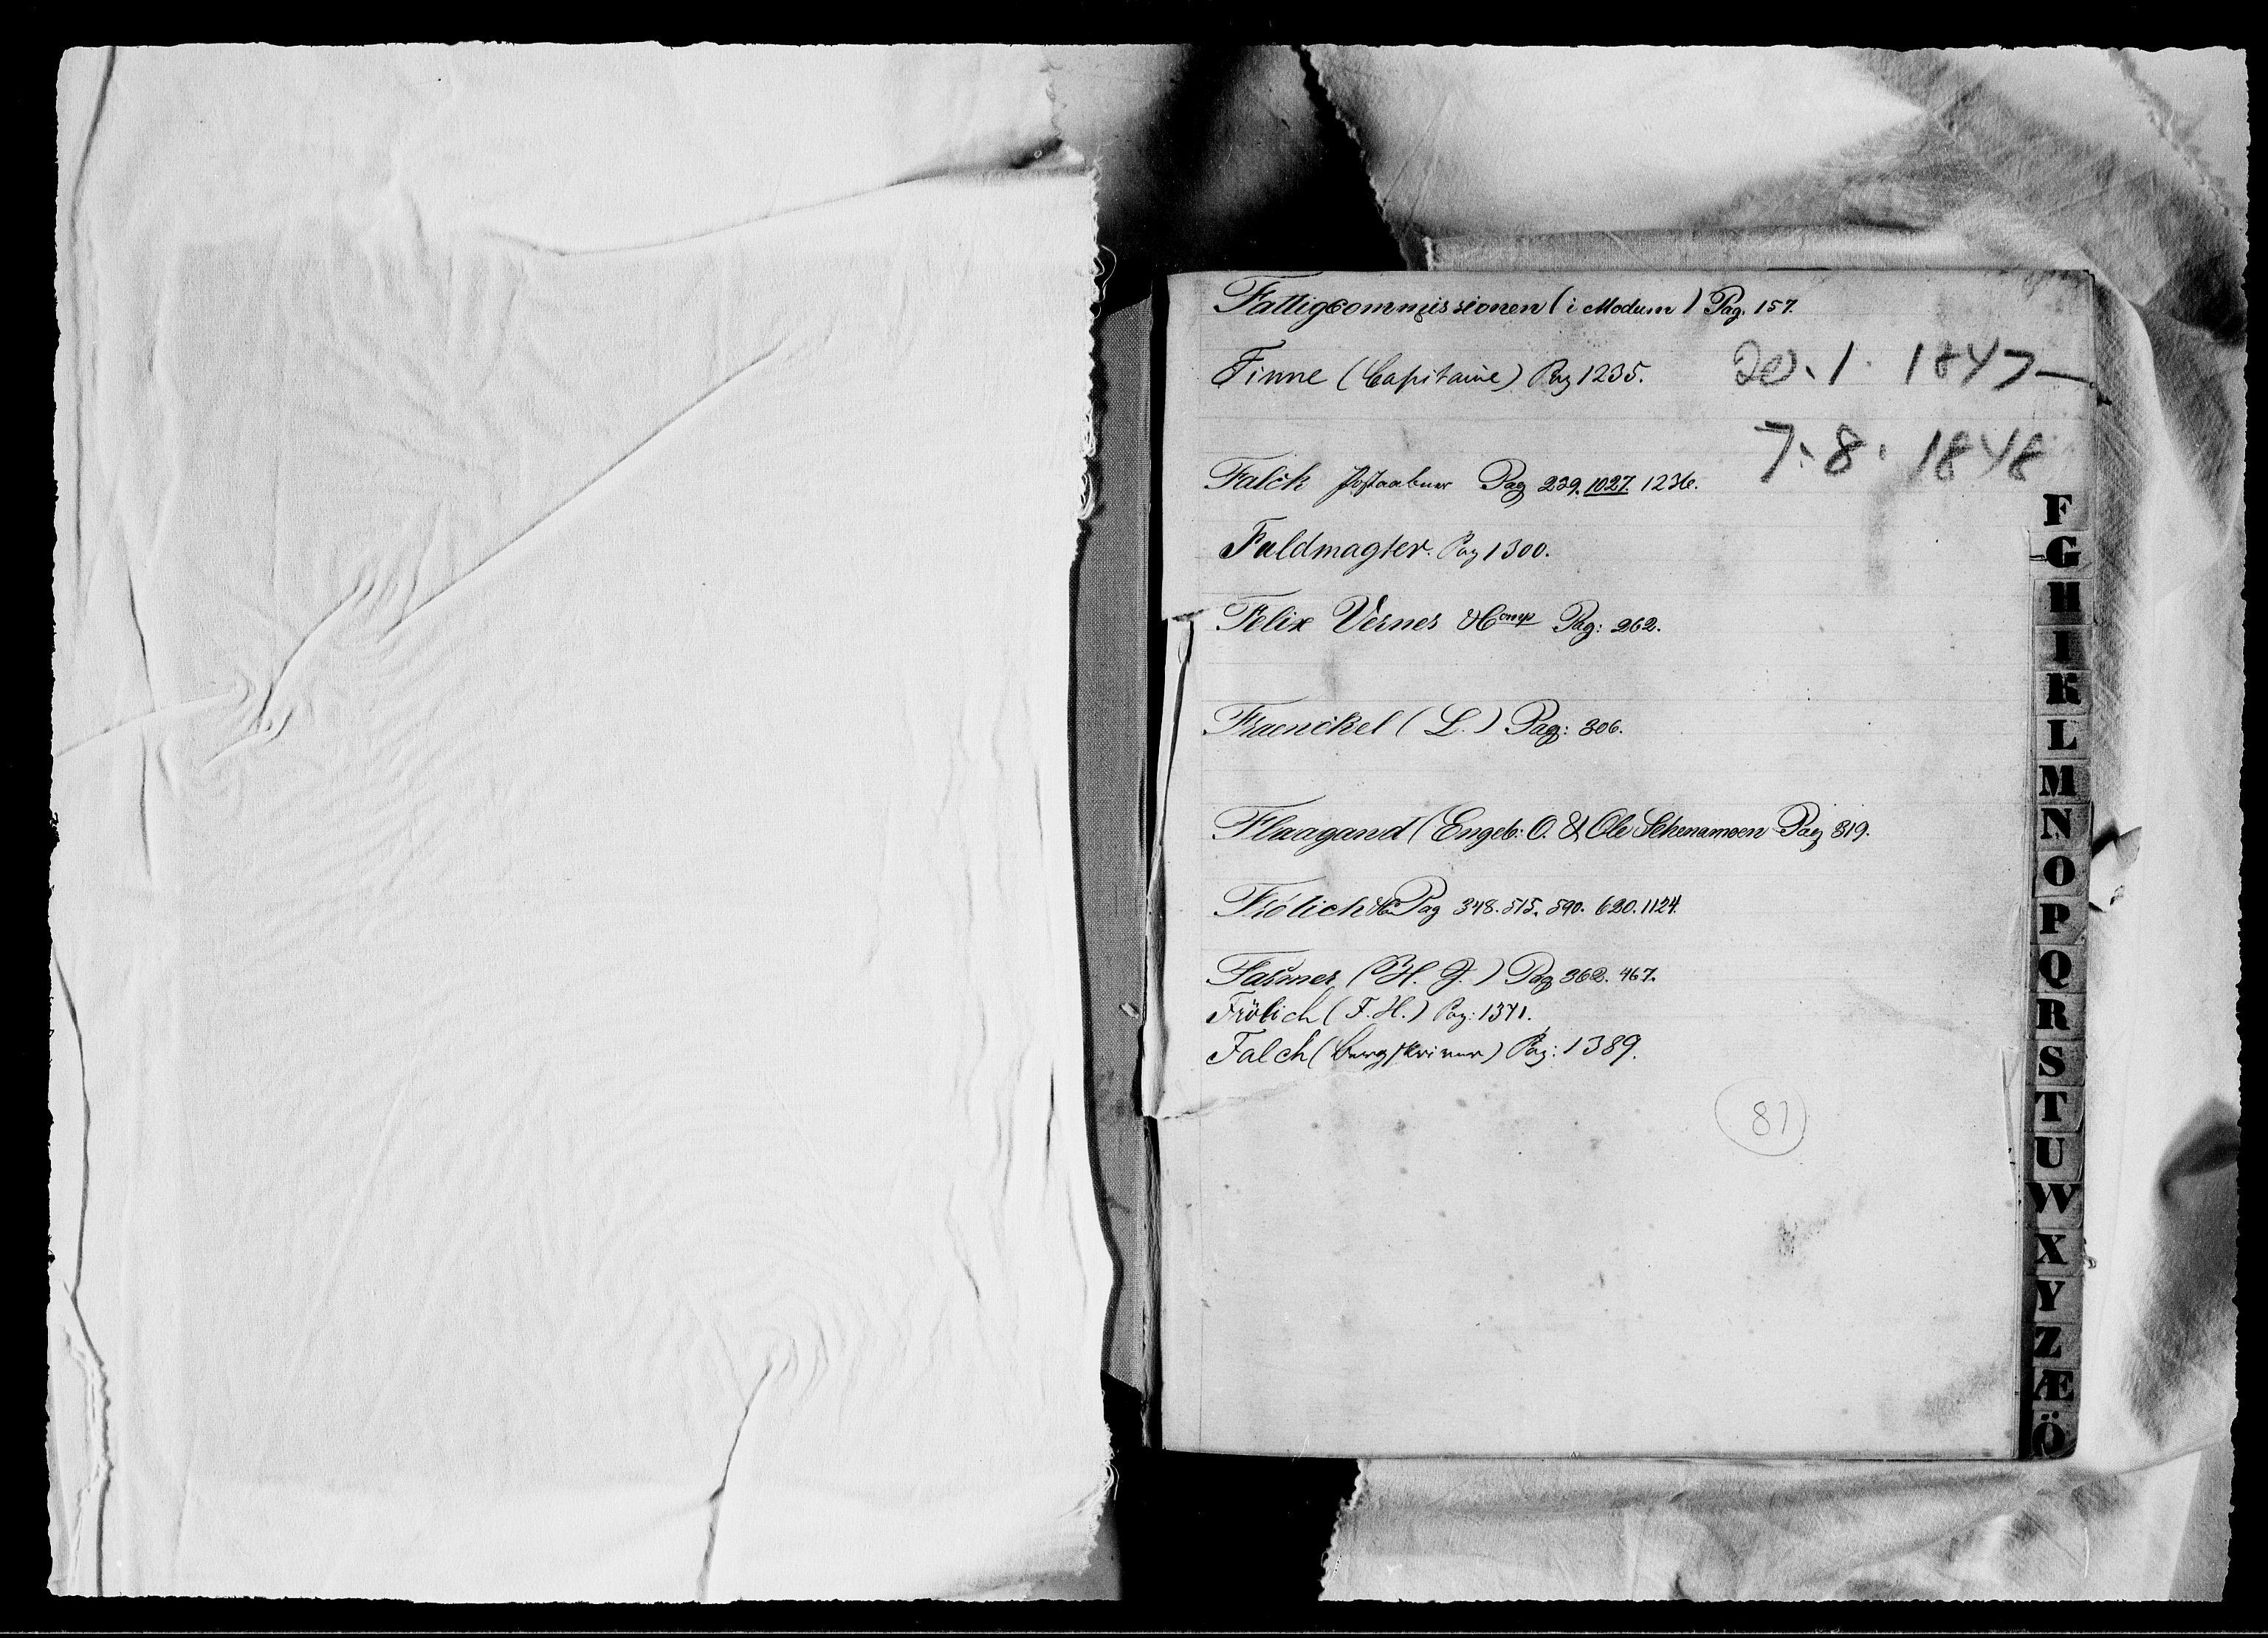 RA, Modums Blaafarveværk, G/Gb/L0081, 1847-1848, s. 2